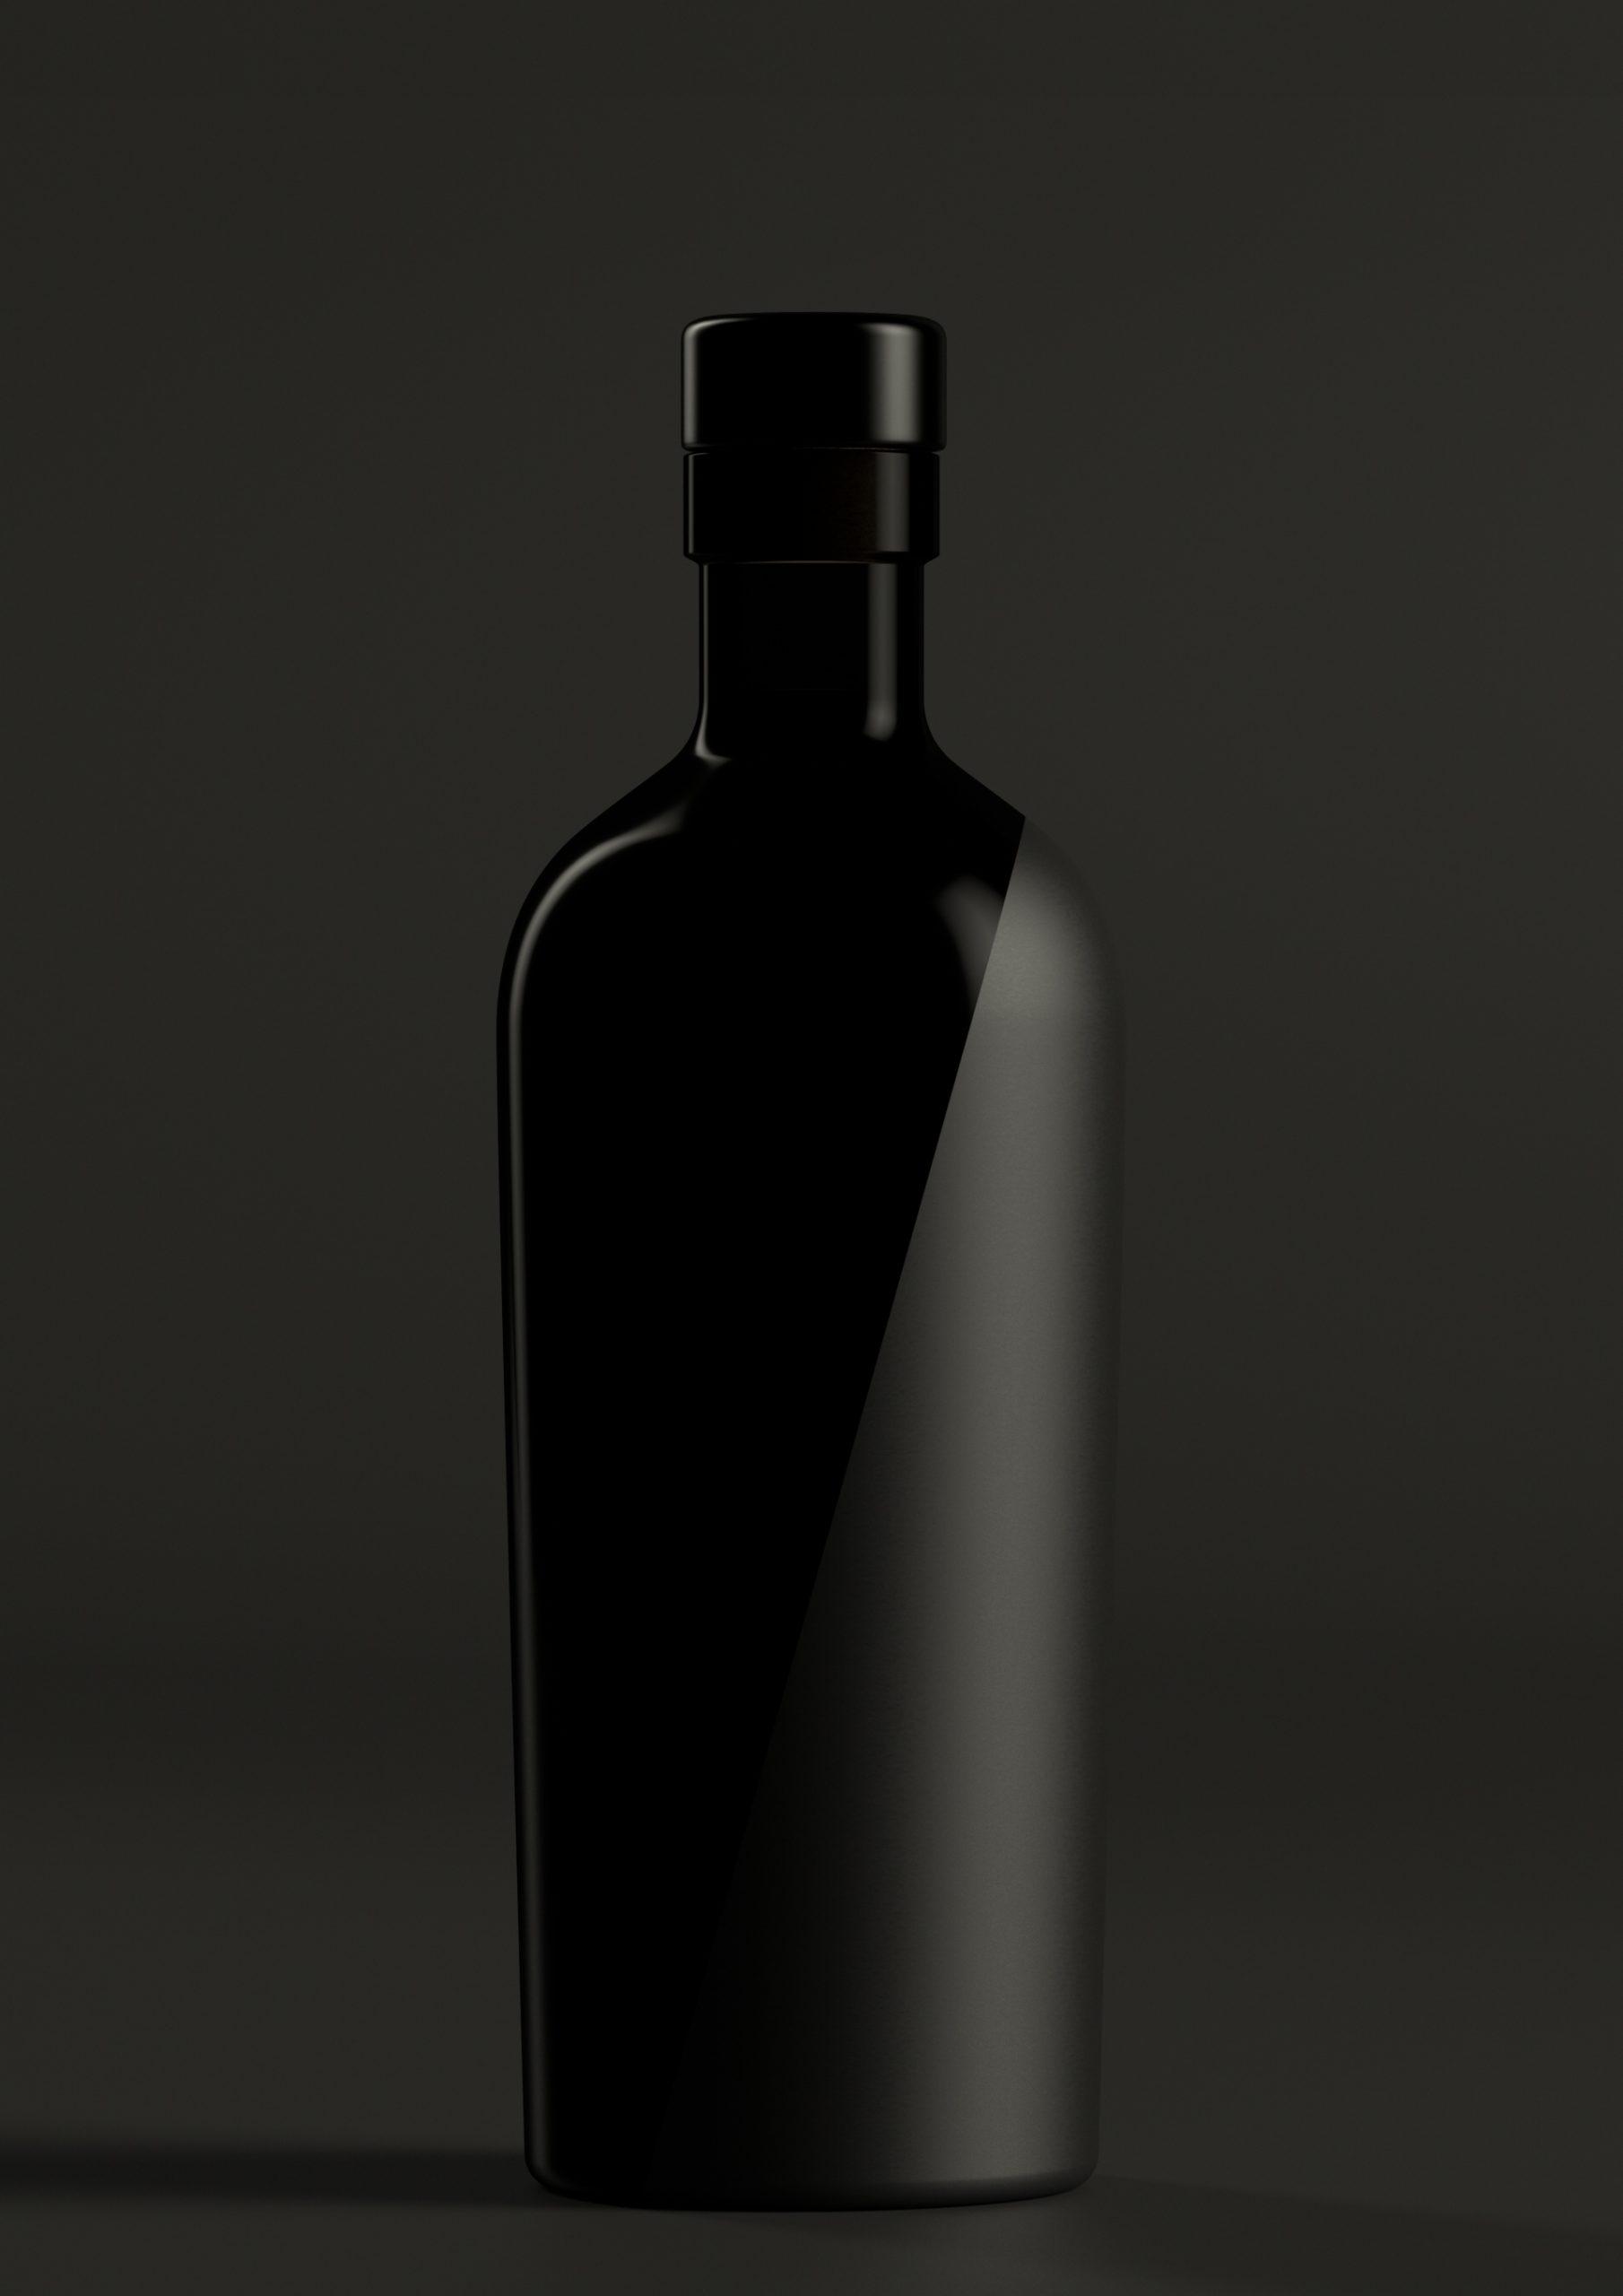 Cofffee-Liquer-Bottle-02